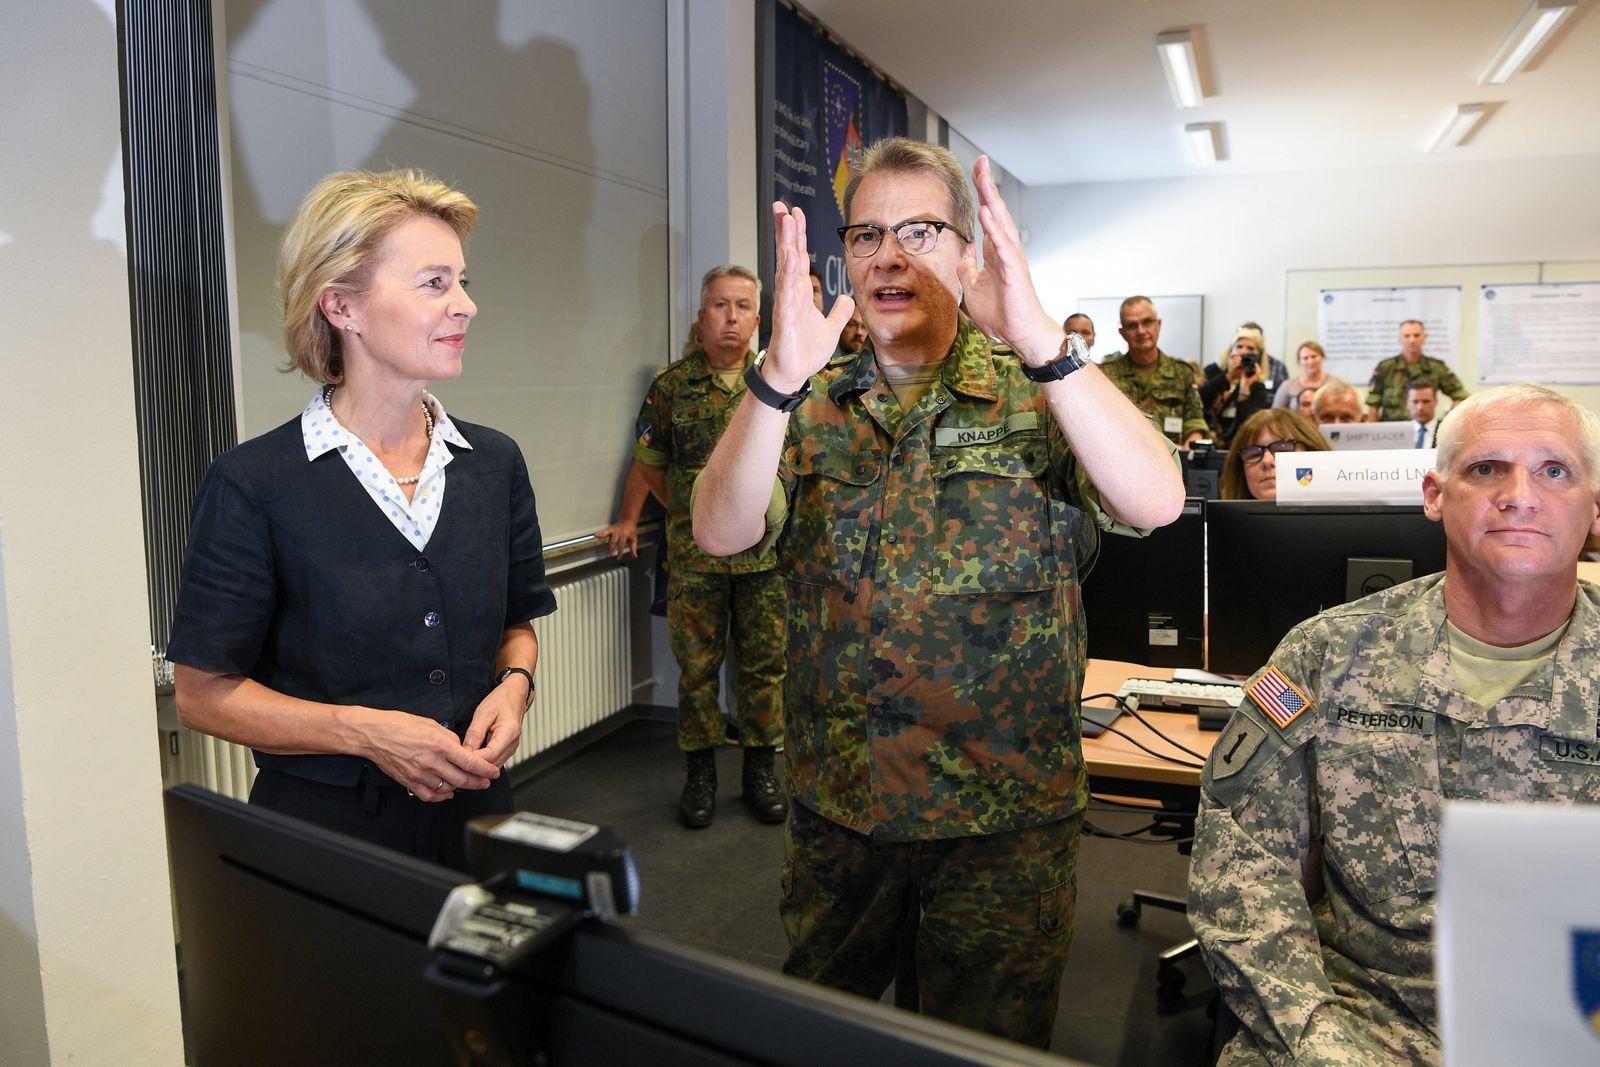 Verteidigungsministerin Ursula von der Leyen auf Sommerreise